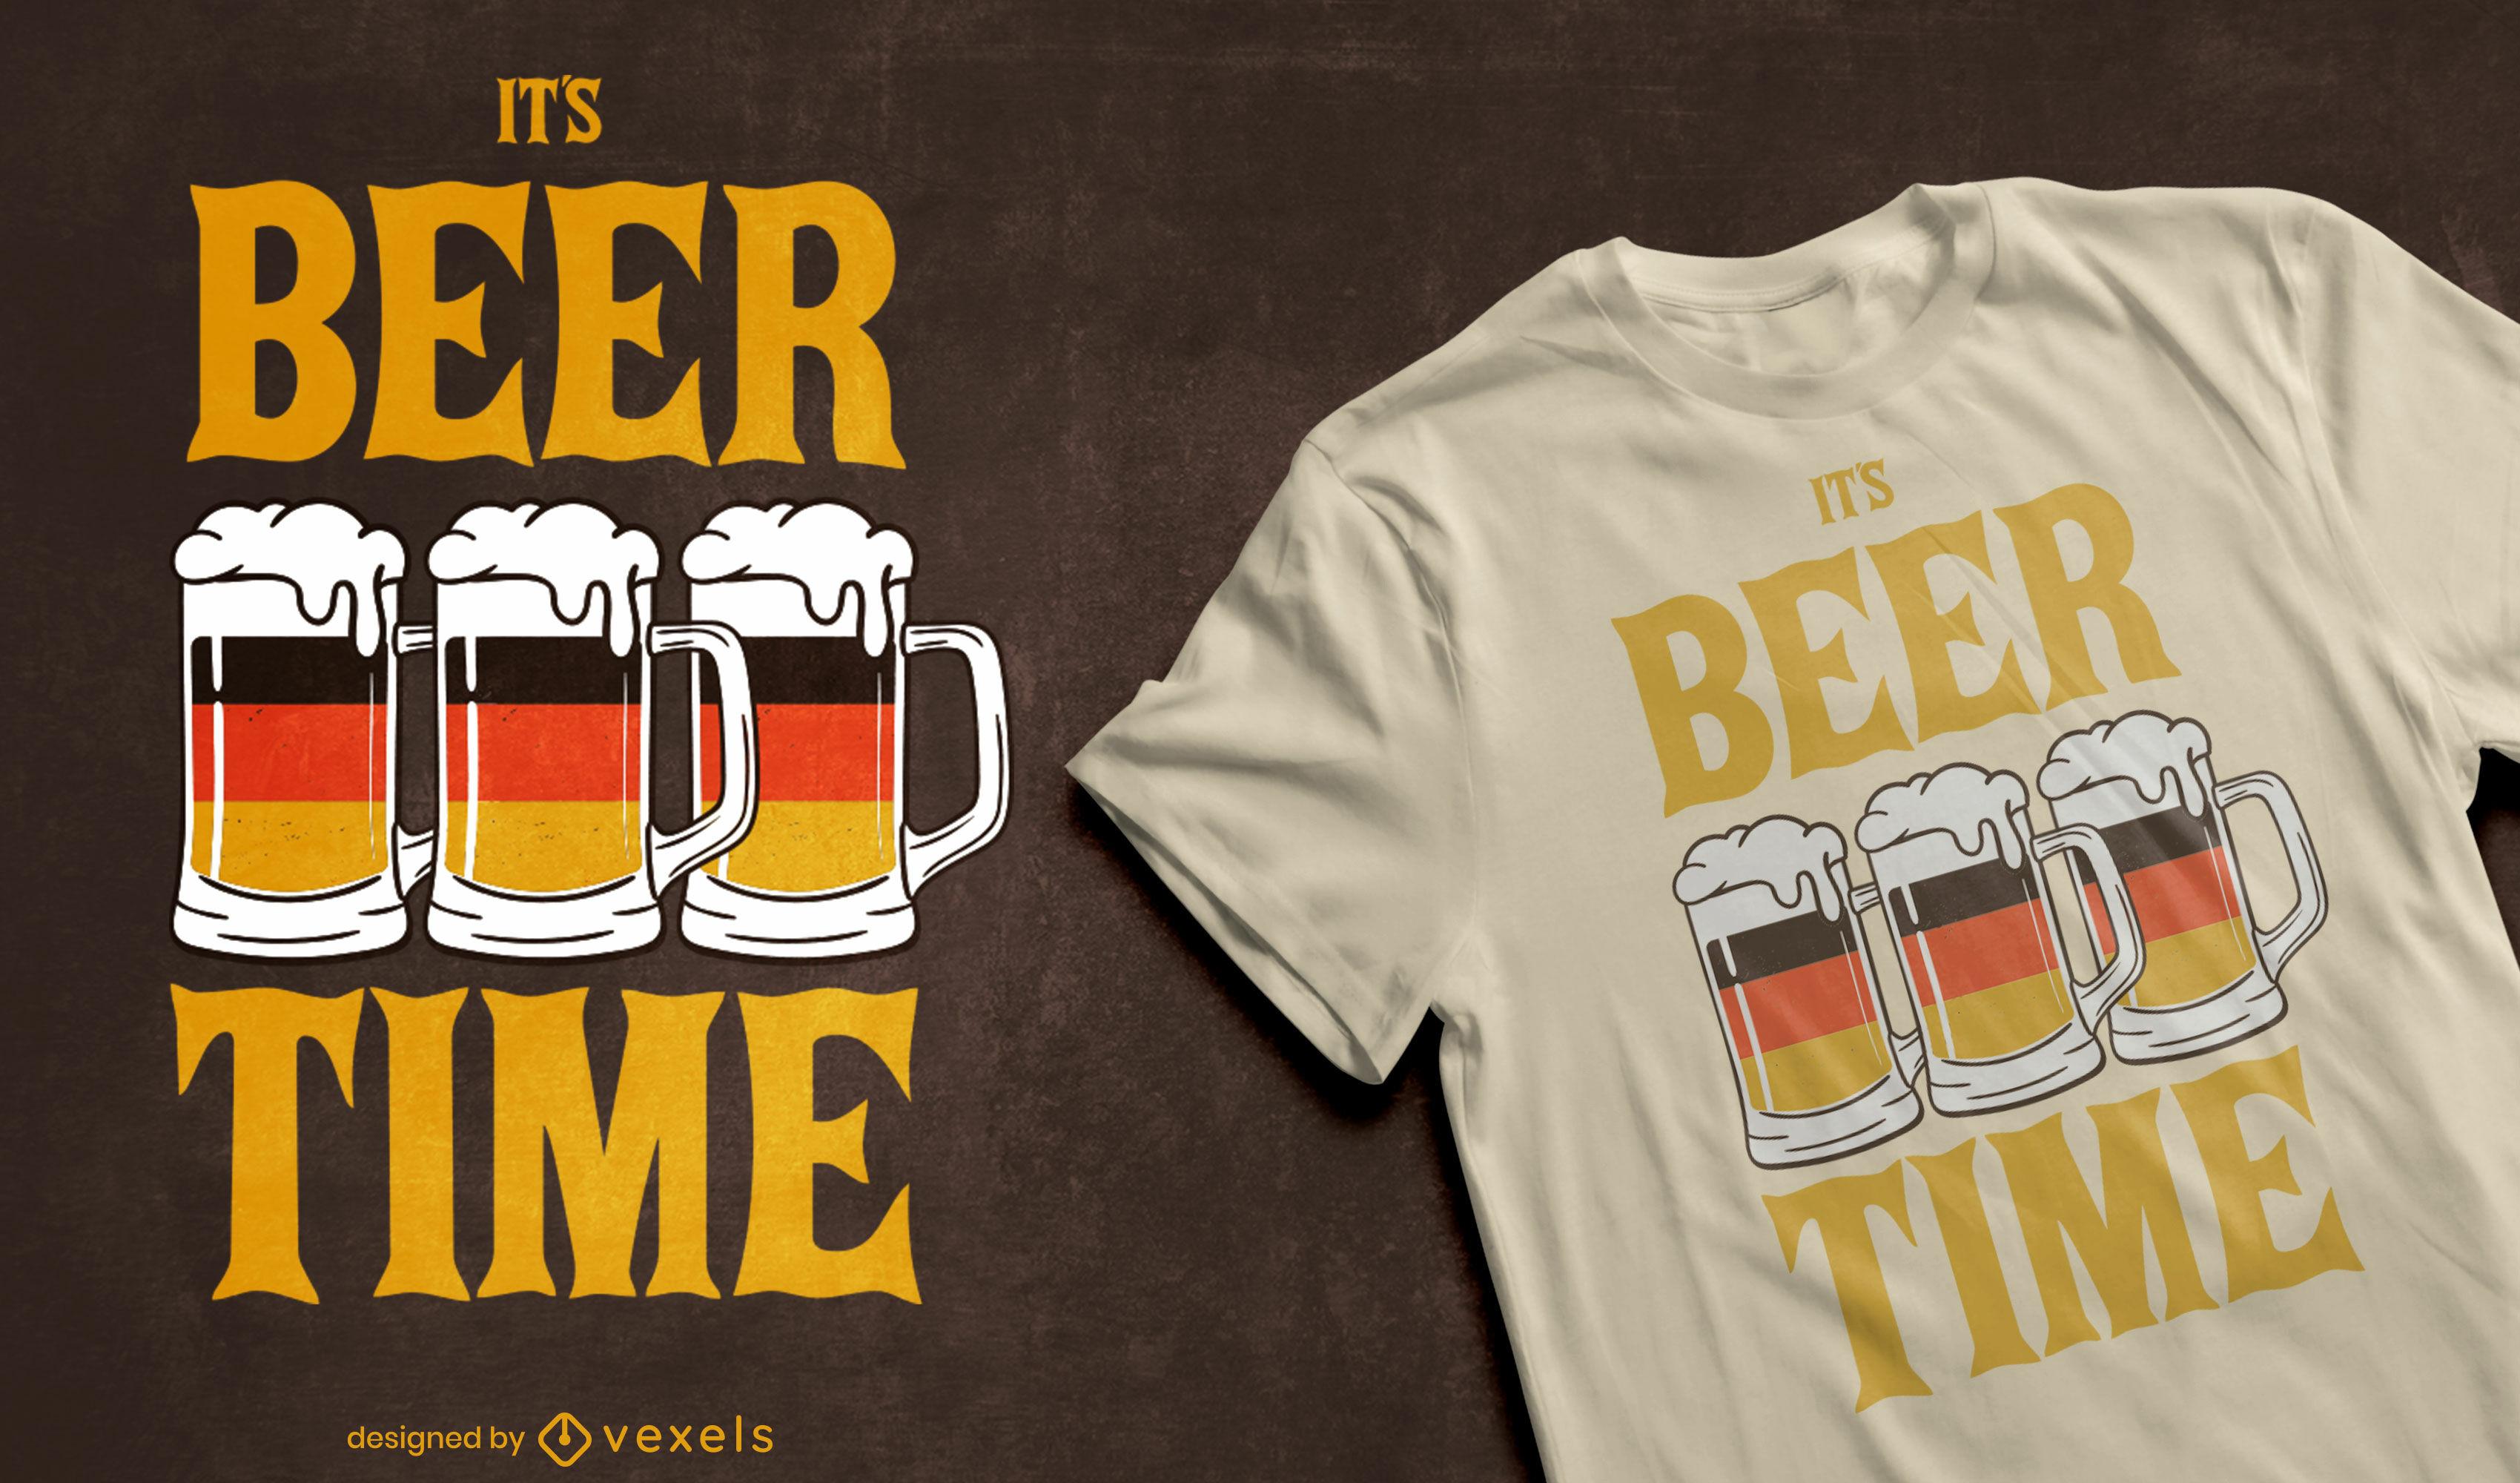 Dise?o de camiseta de bandera alemana de tiempo de cerveza.